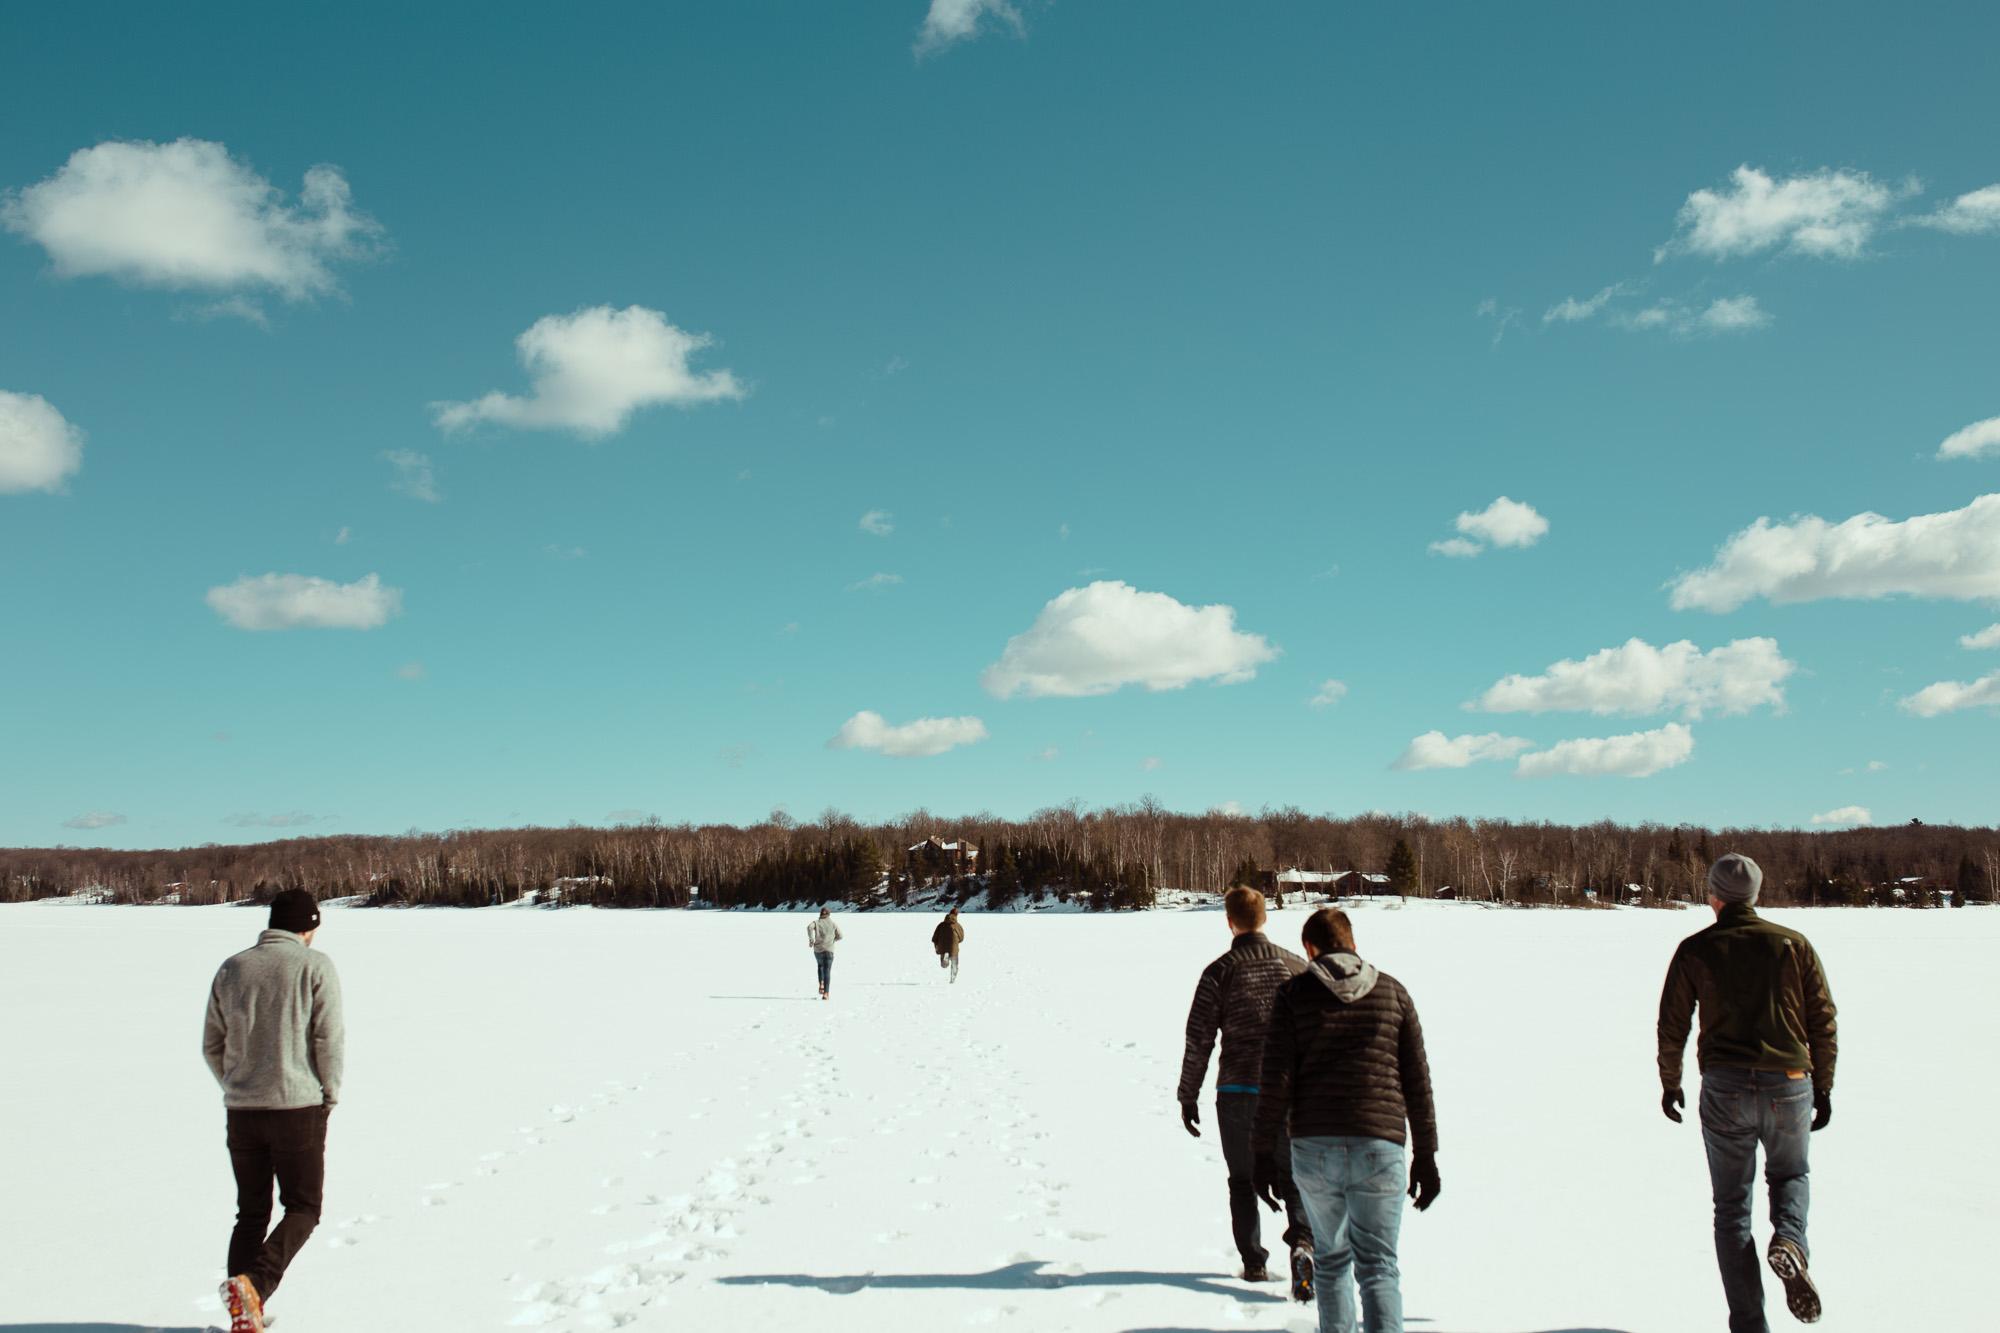 Group walking across frozen lake